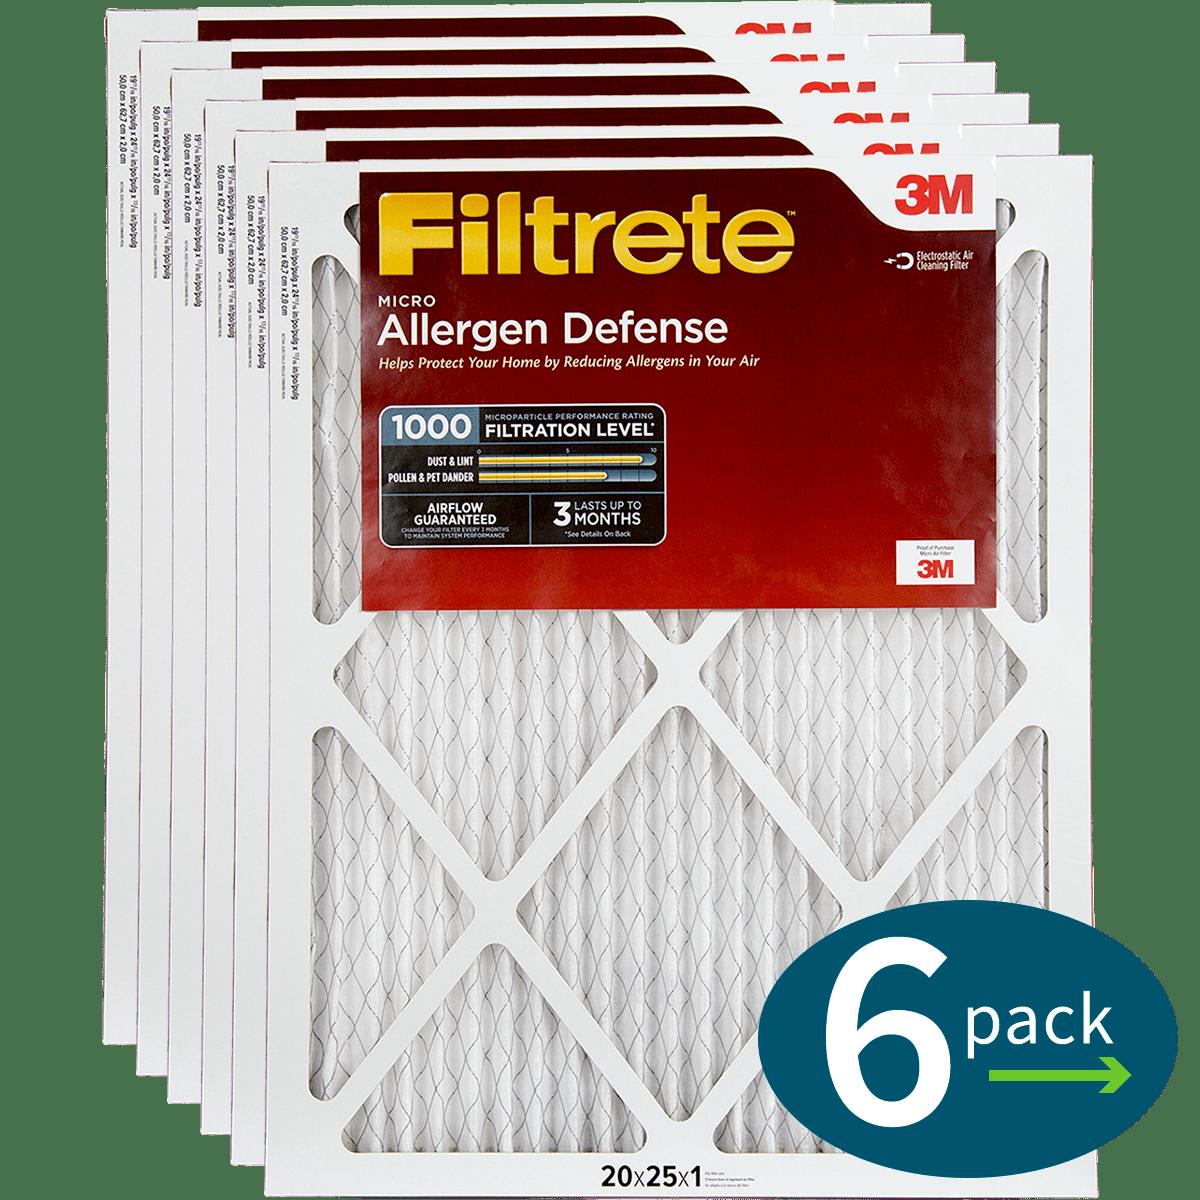 3M Filtrete 1-Inch Micro Allergen Defense MPR 1000 Air Filters - 2 Pack fi5414